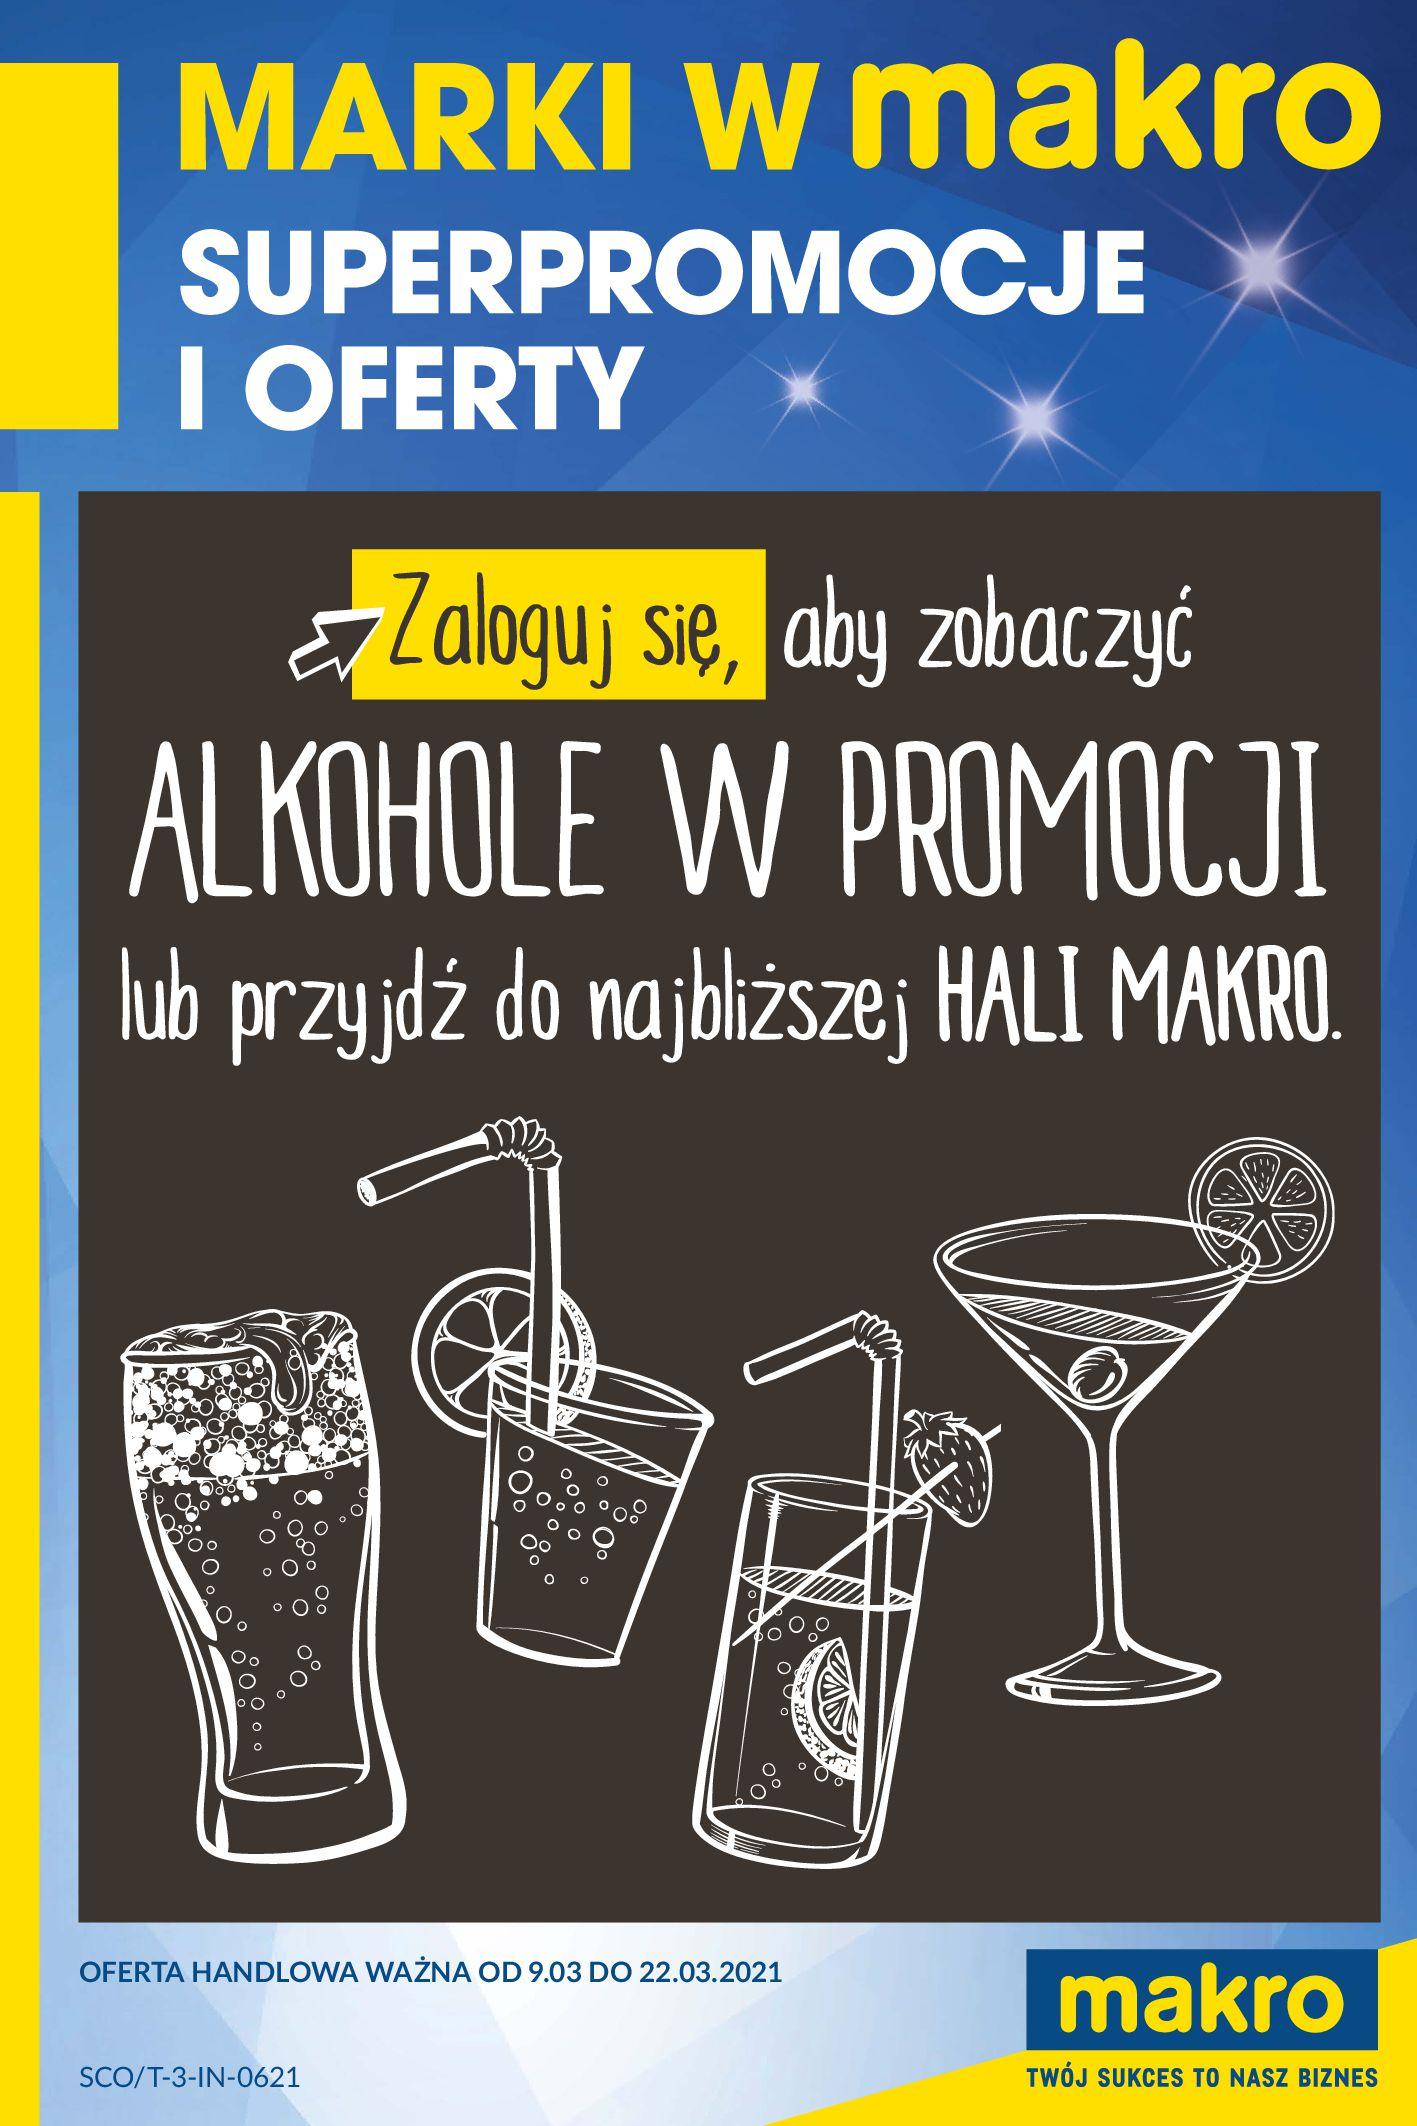 Gazetka Makro -marki-w-makro-2021-03-09-2021-03-22 09.03-22.03